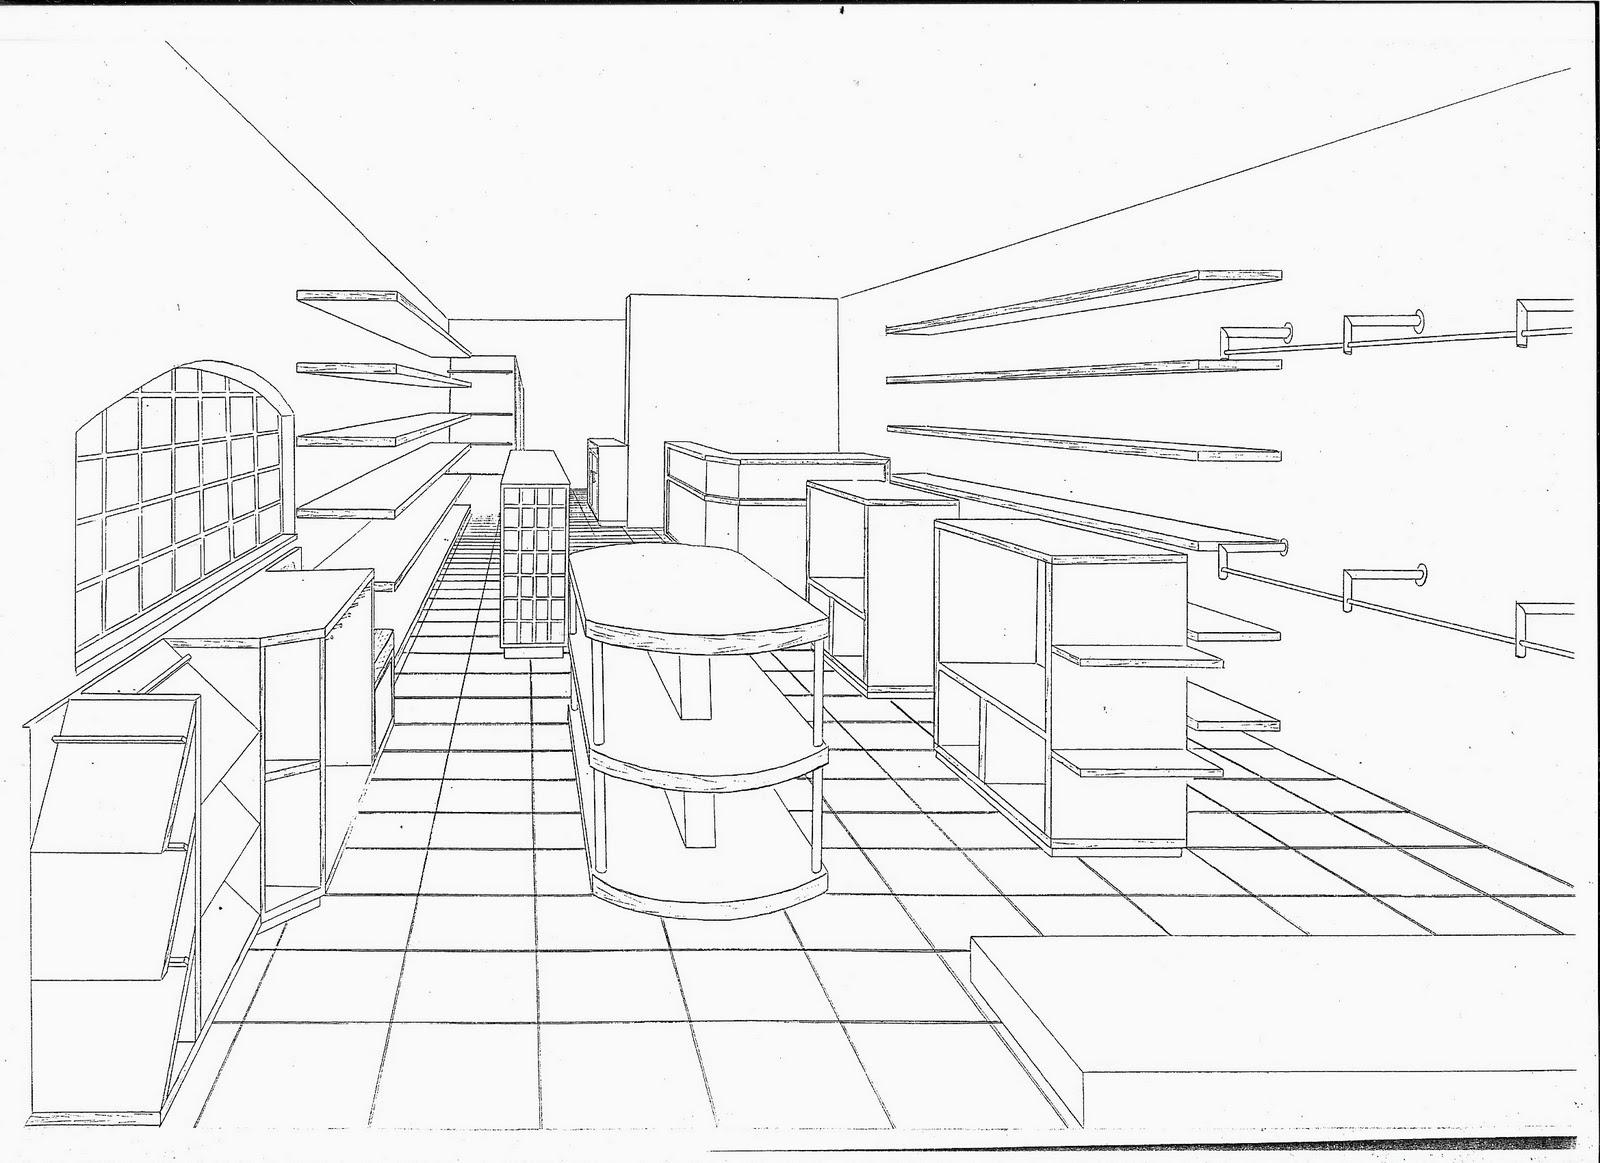 Desafios: loja de roupas em perspectiva. Um ponto de vista #656666 1600 1163